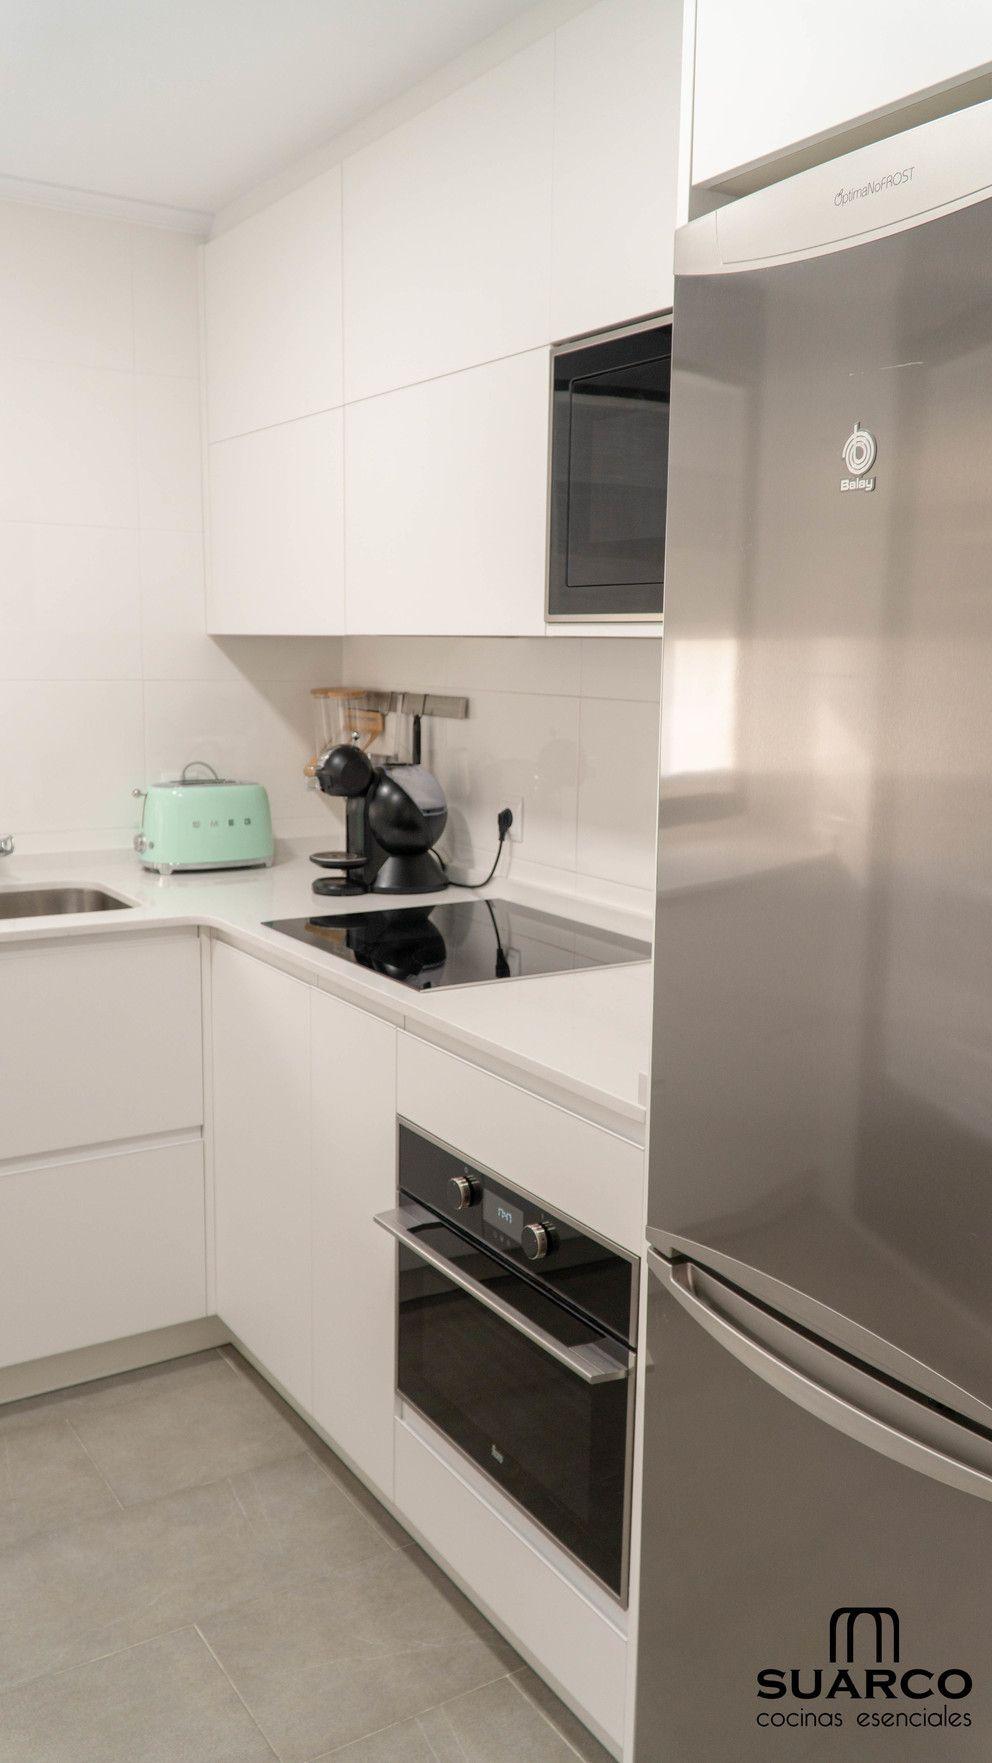 Cocina Blanca Pequena En Forma De L Con Encimera De Cocina Silestone Encimeras De Cocina Decoracion De Cocina Pequena Cocina